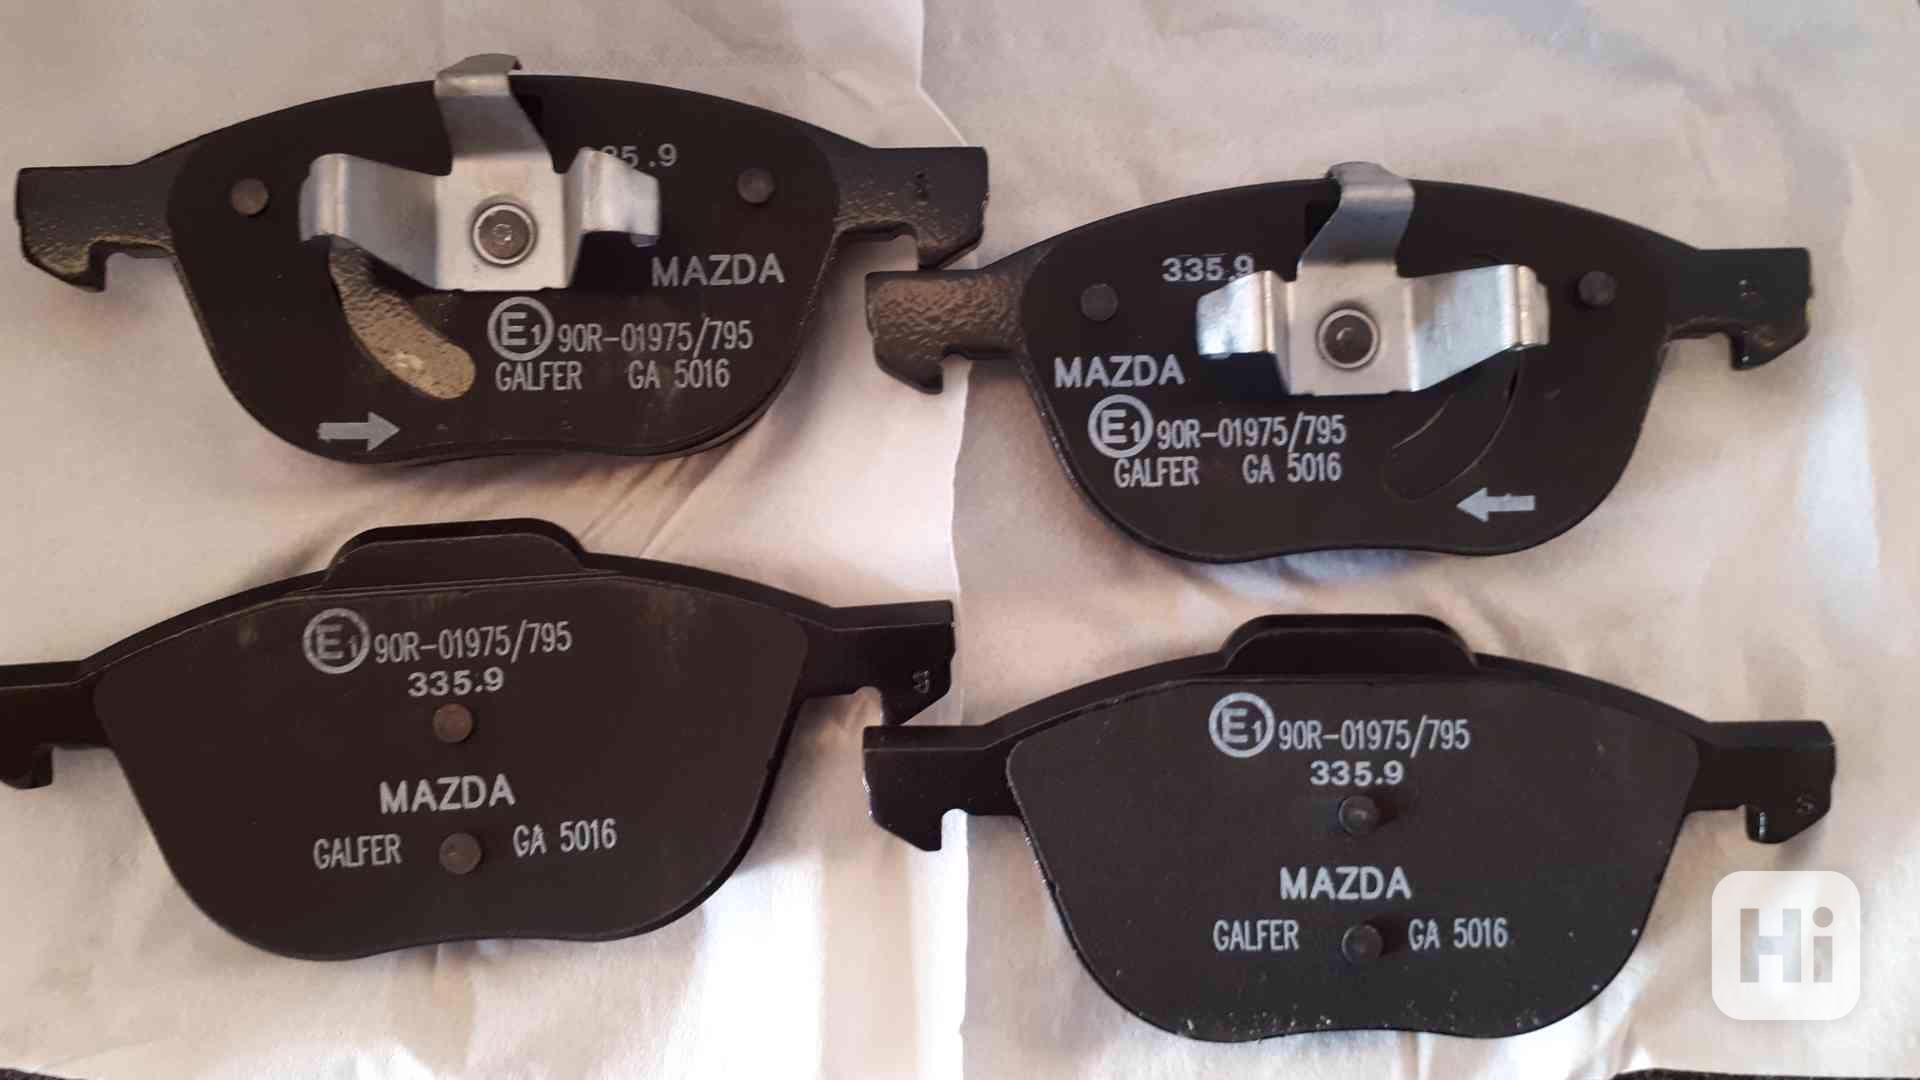 Brzdové destičky Mazda - foto 1